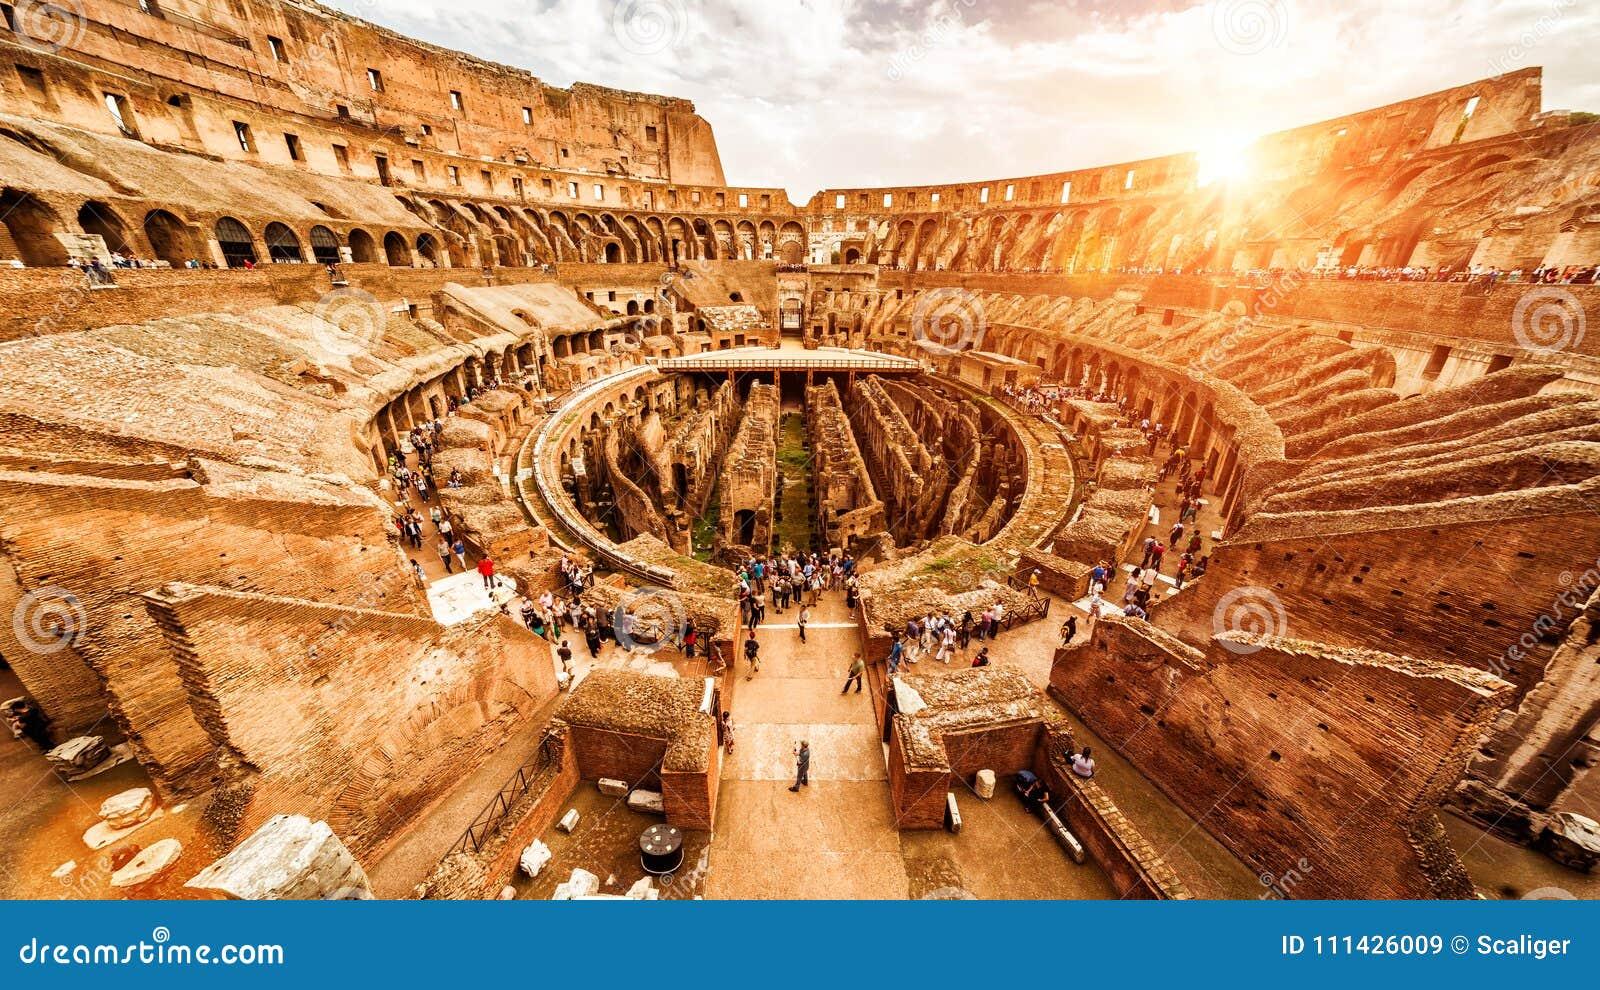 Binnen Colosseum of Coliseum in de zomer, Rome, Italië